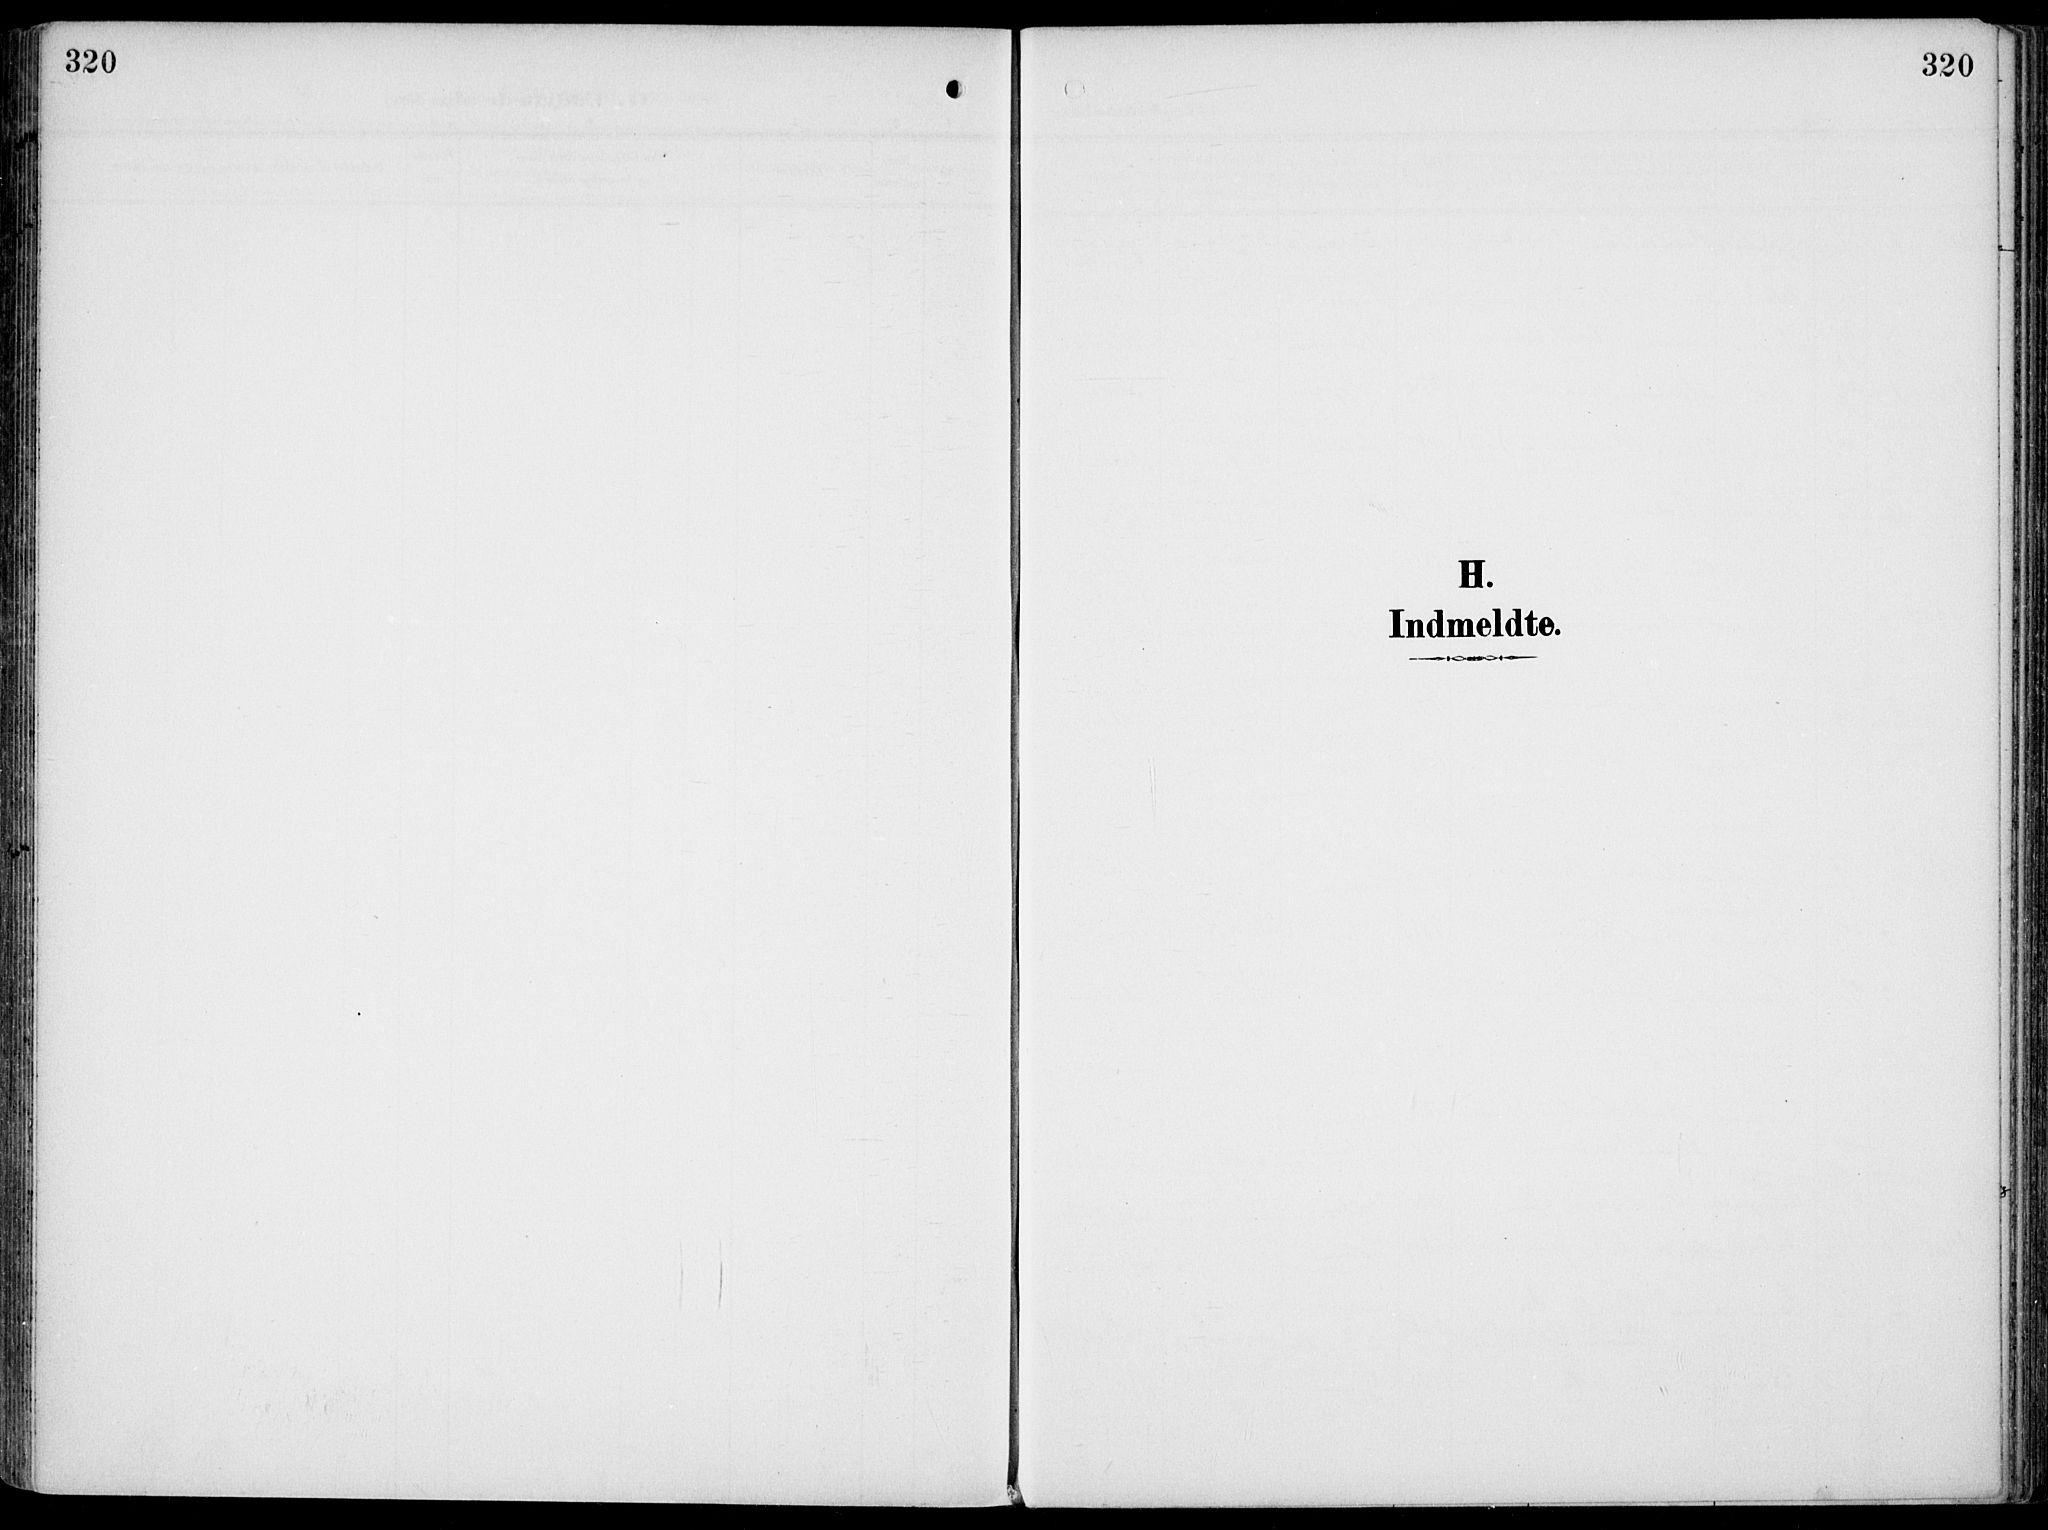 SAKO, Gjerpen kirkebøker, F/Fa/L0012: Ministerialbok nr. 12, 1905-1913, s. 320